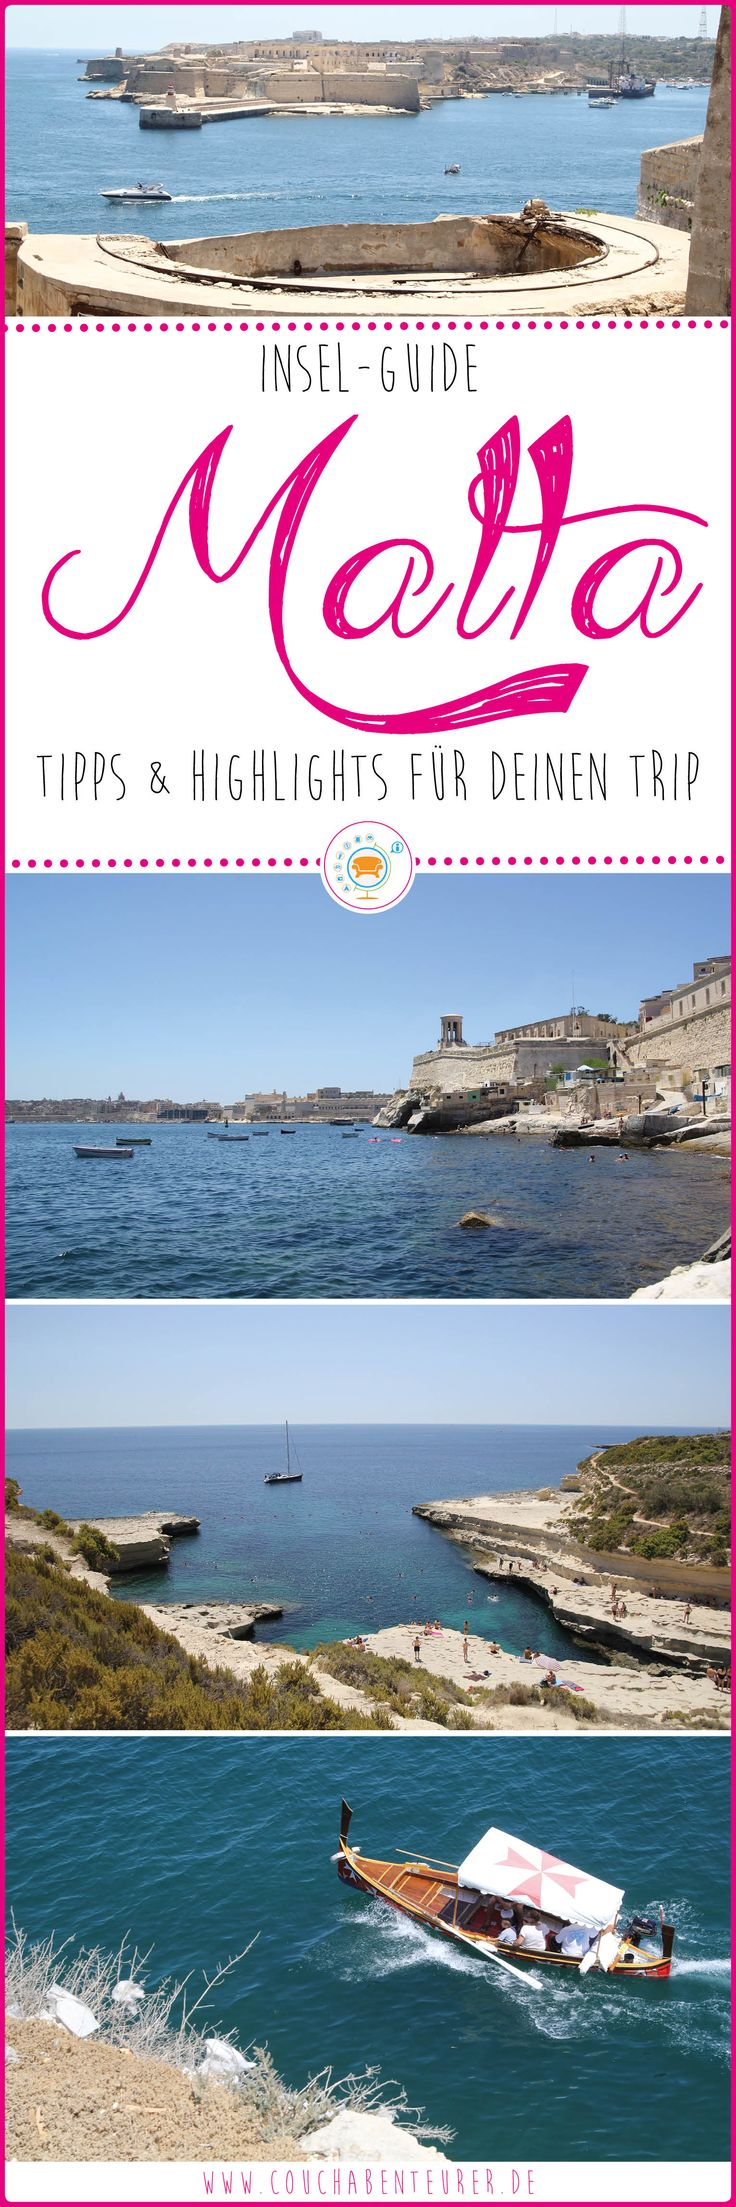 Dein ultimativer Guide die schönsten Ecken Maltas zu entdecken. Ich zeige dir was sich lohnt und was du in keinem Fall verpassen solltest!